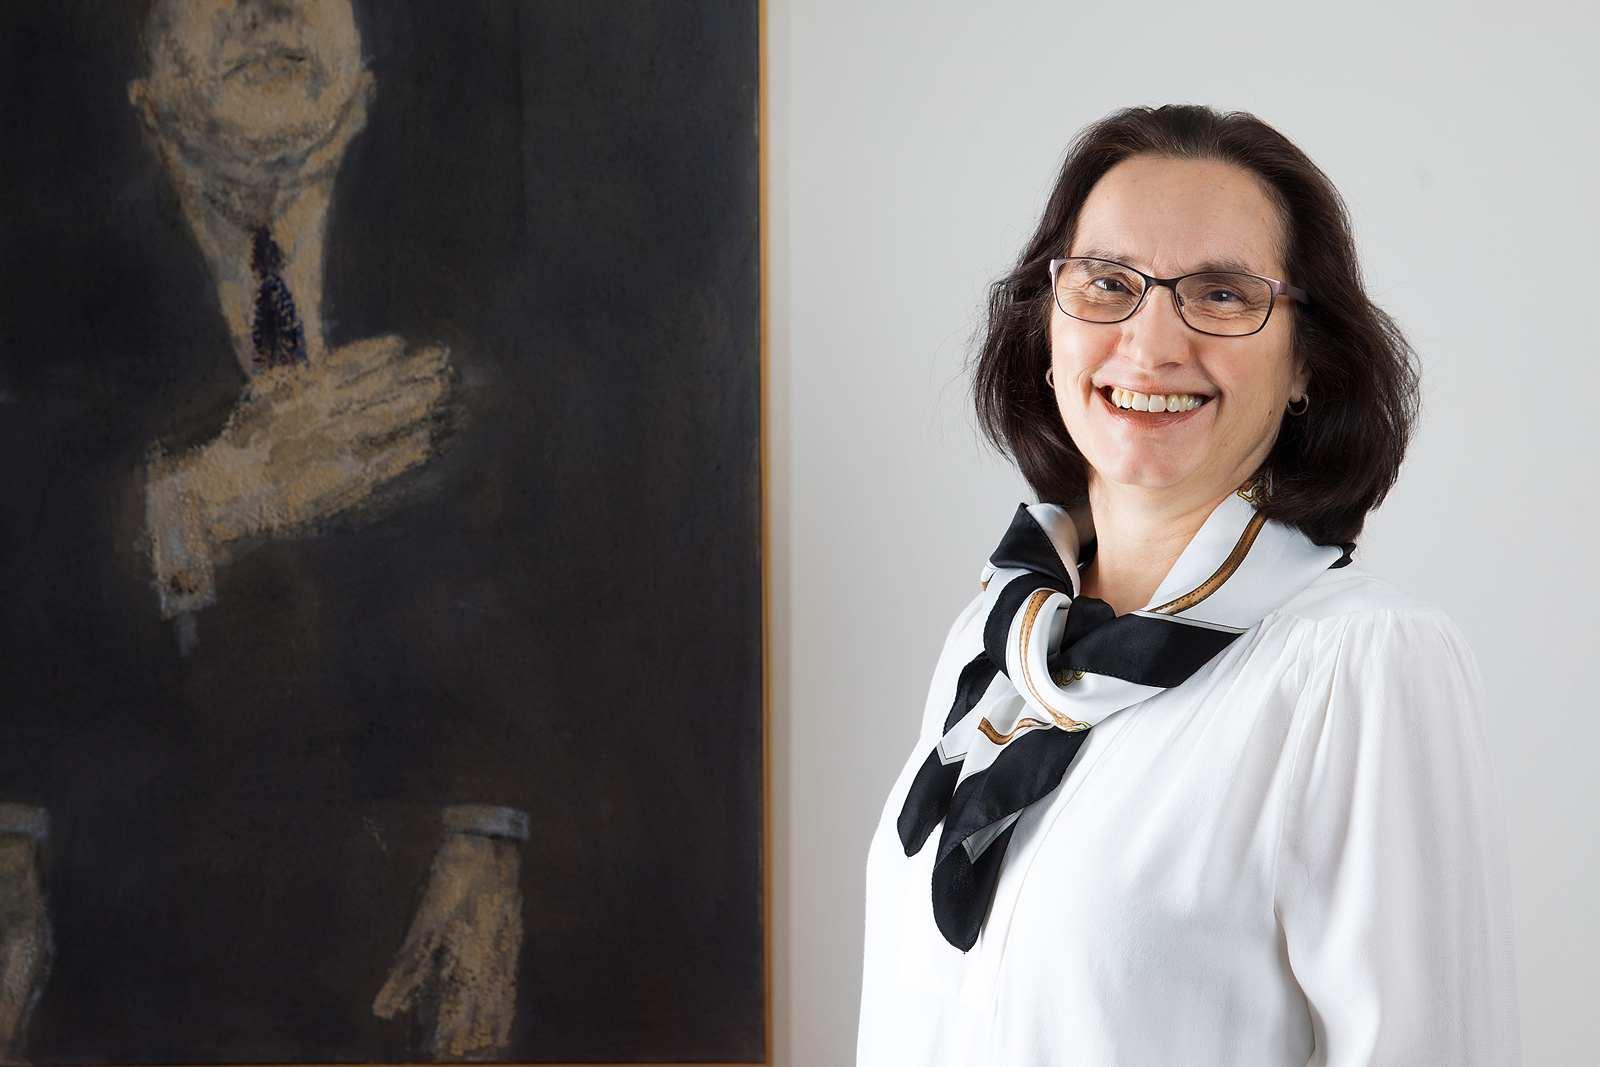 Portraitfoto von Sabine Stenger, Assistenz Meier & Vogel Rechtsanwälte GmbH